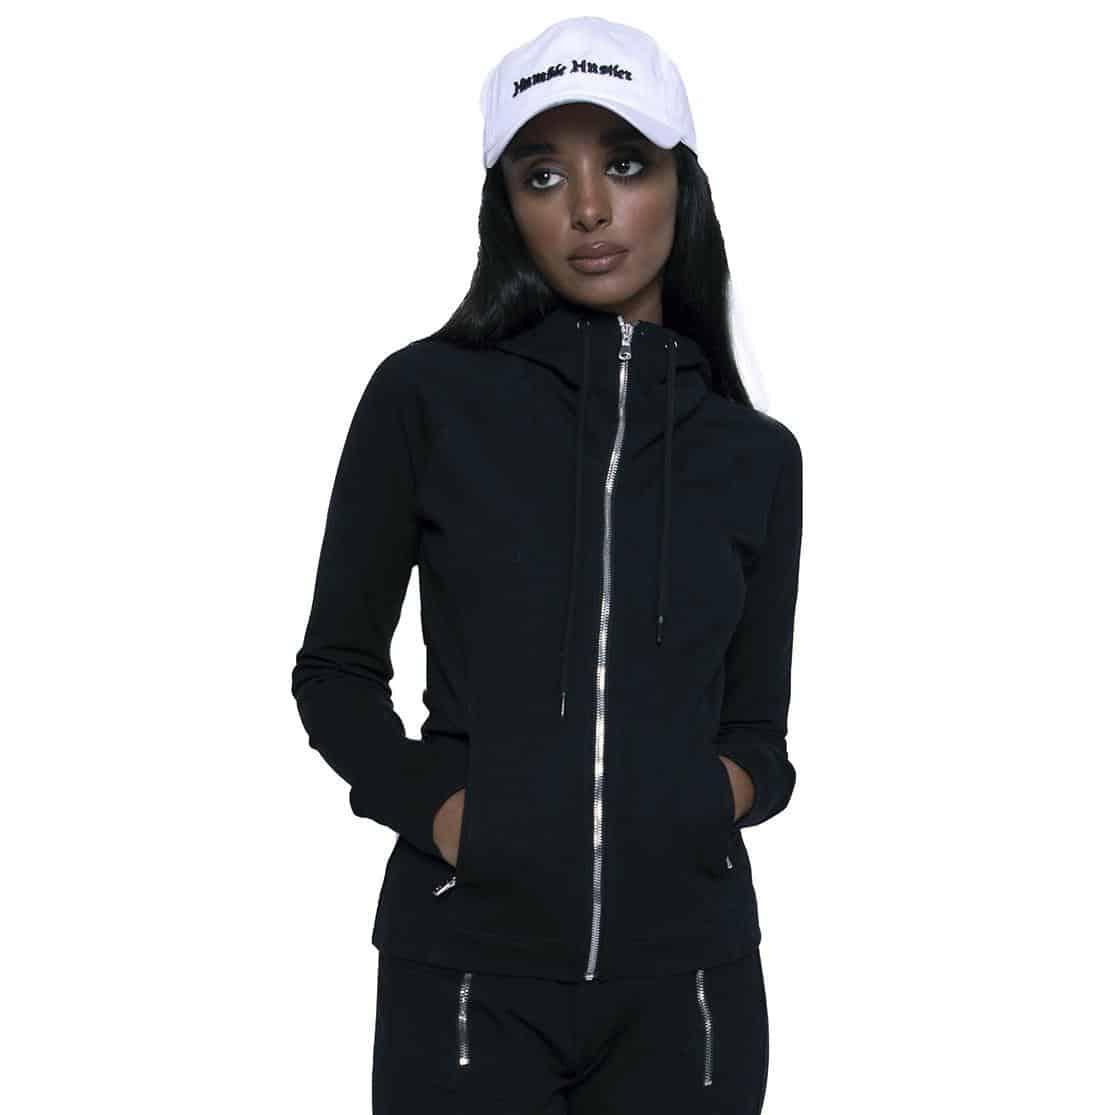 HSTLR – Zip Up Jacket